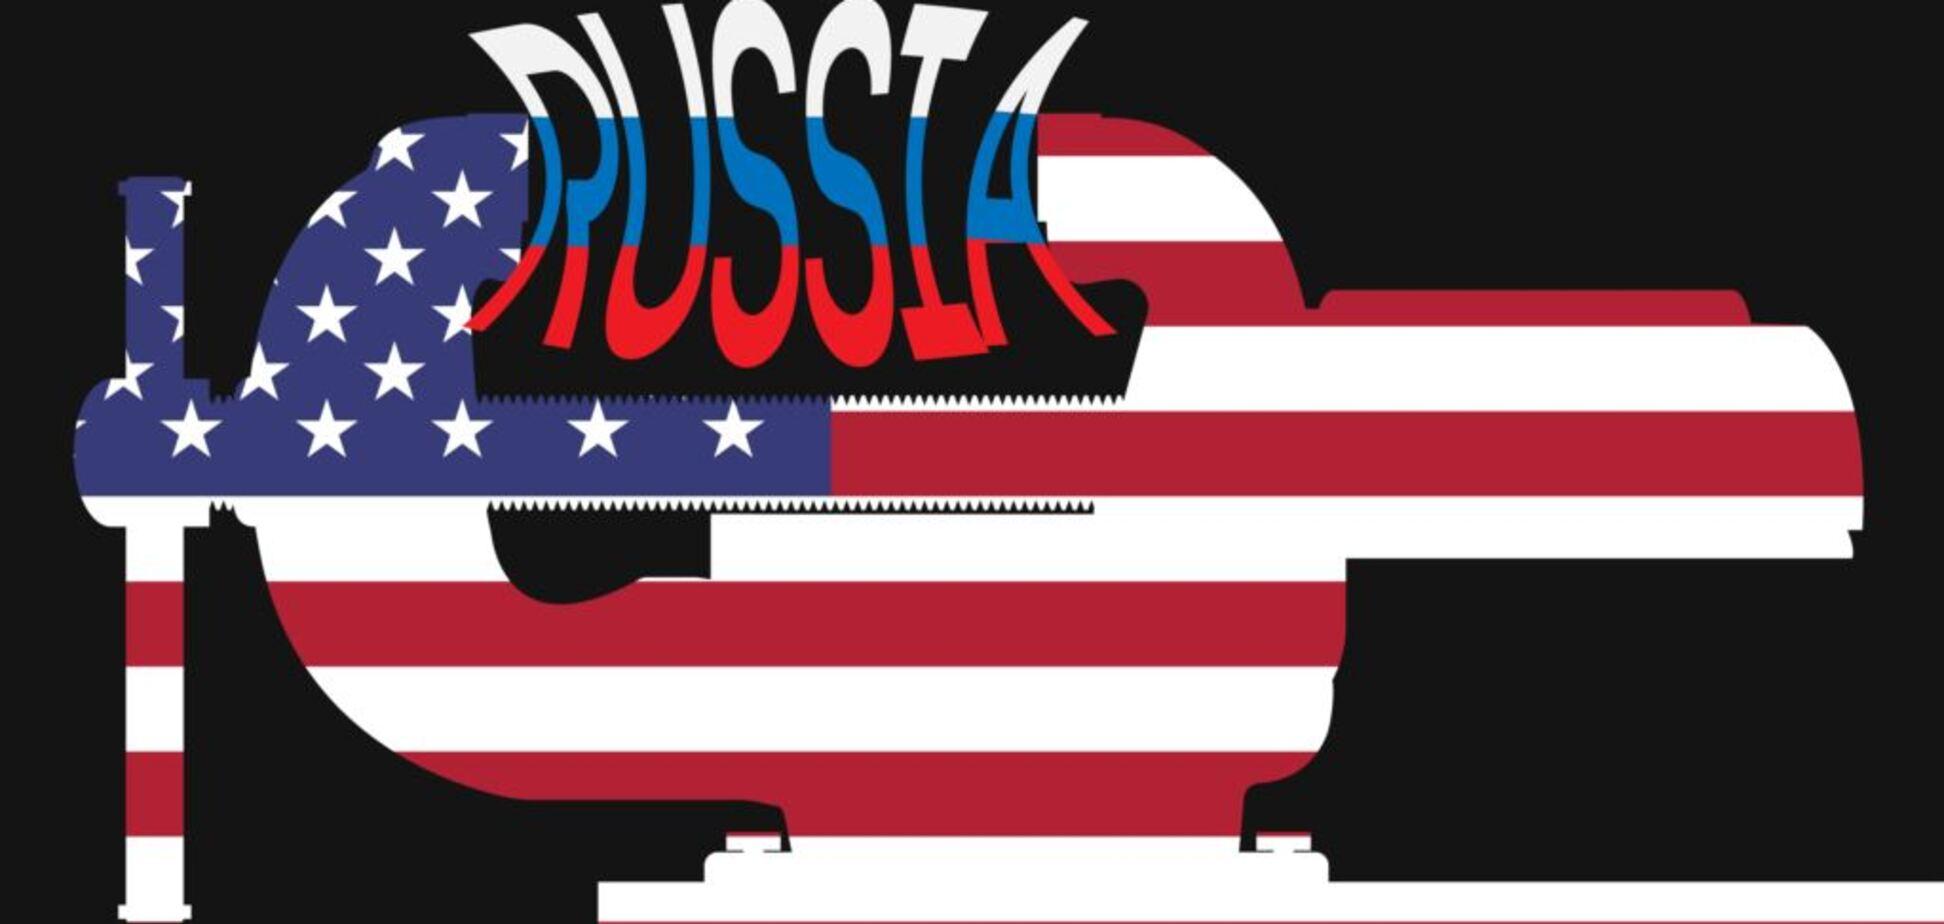 Ударят с четырех сторон: частная разведка США дала неутешительный прогноз на 2018 год для Путина